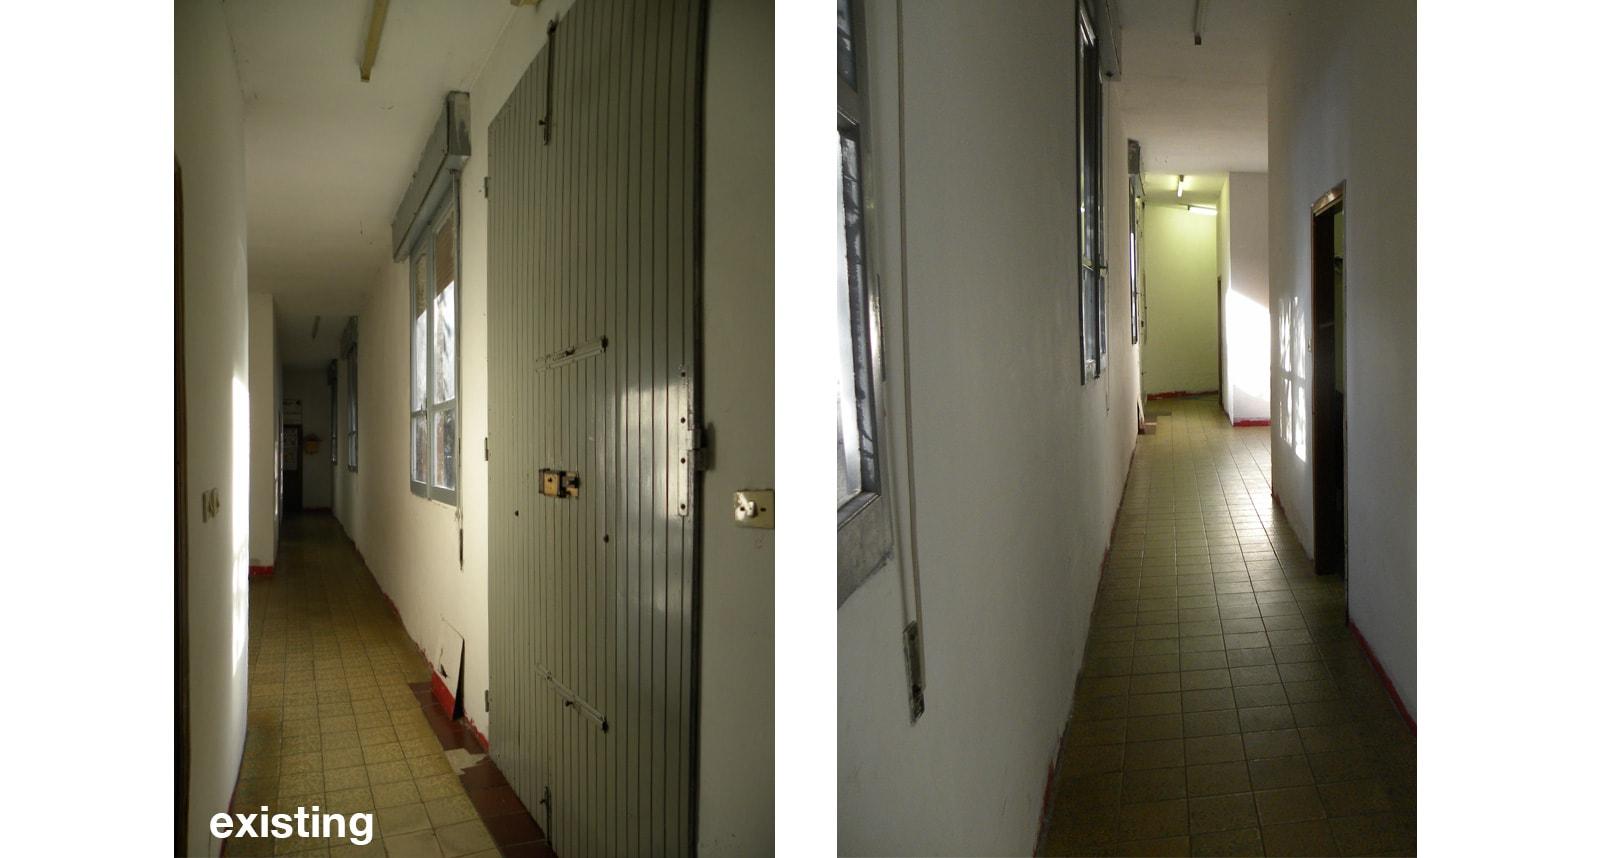 parrocchia-immacolata-existing-interiors-01